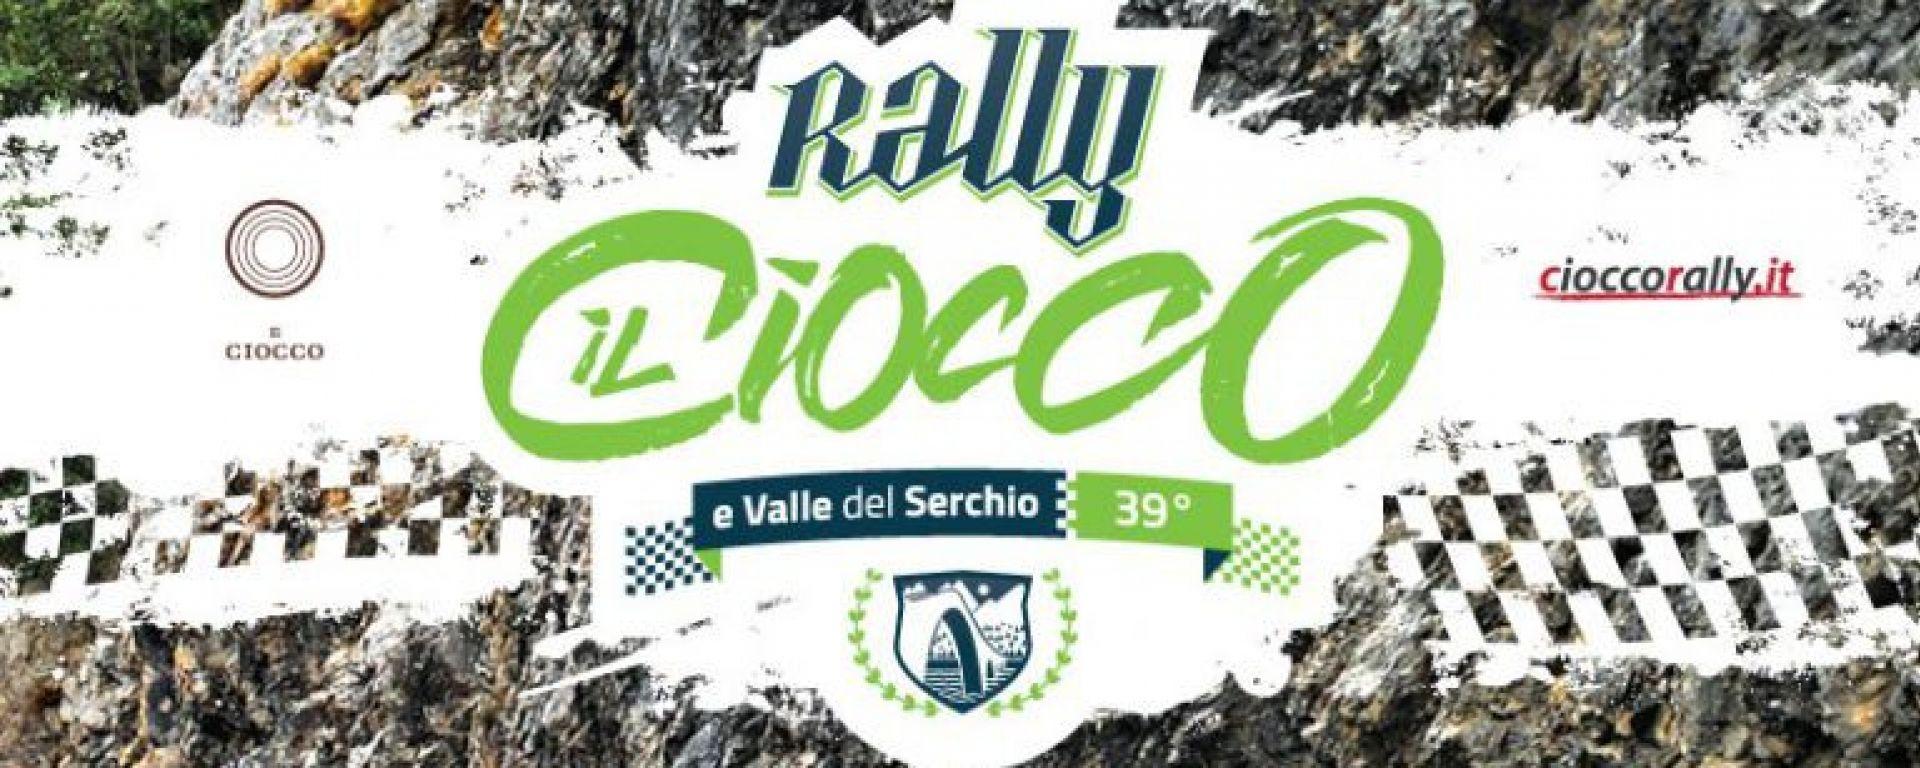 Rally del Ciocco e Valle del Serchio 2016 - Info e Risultati